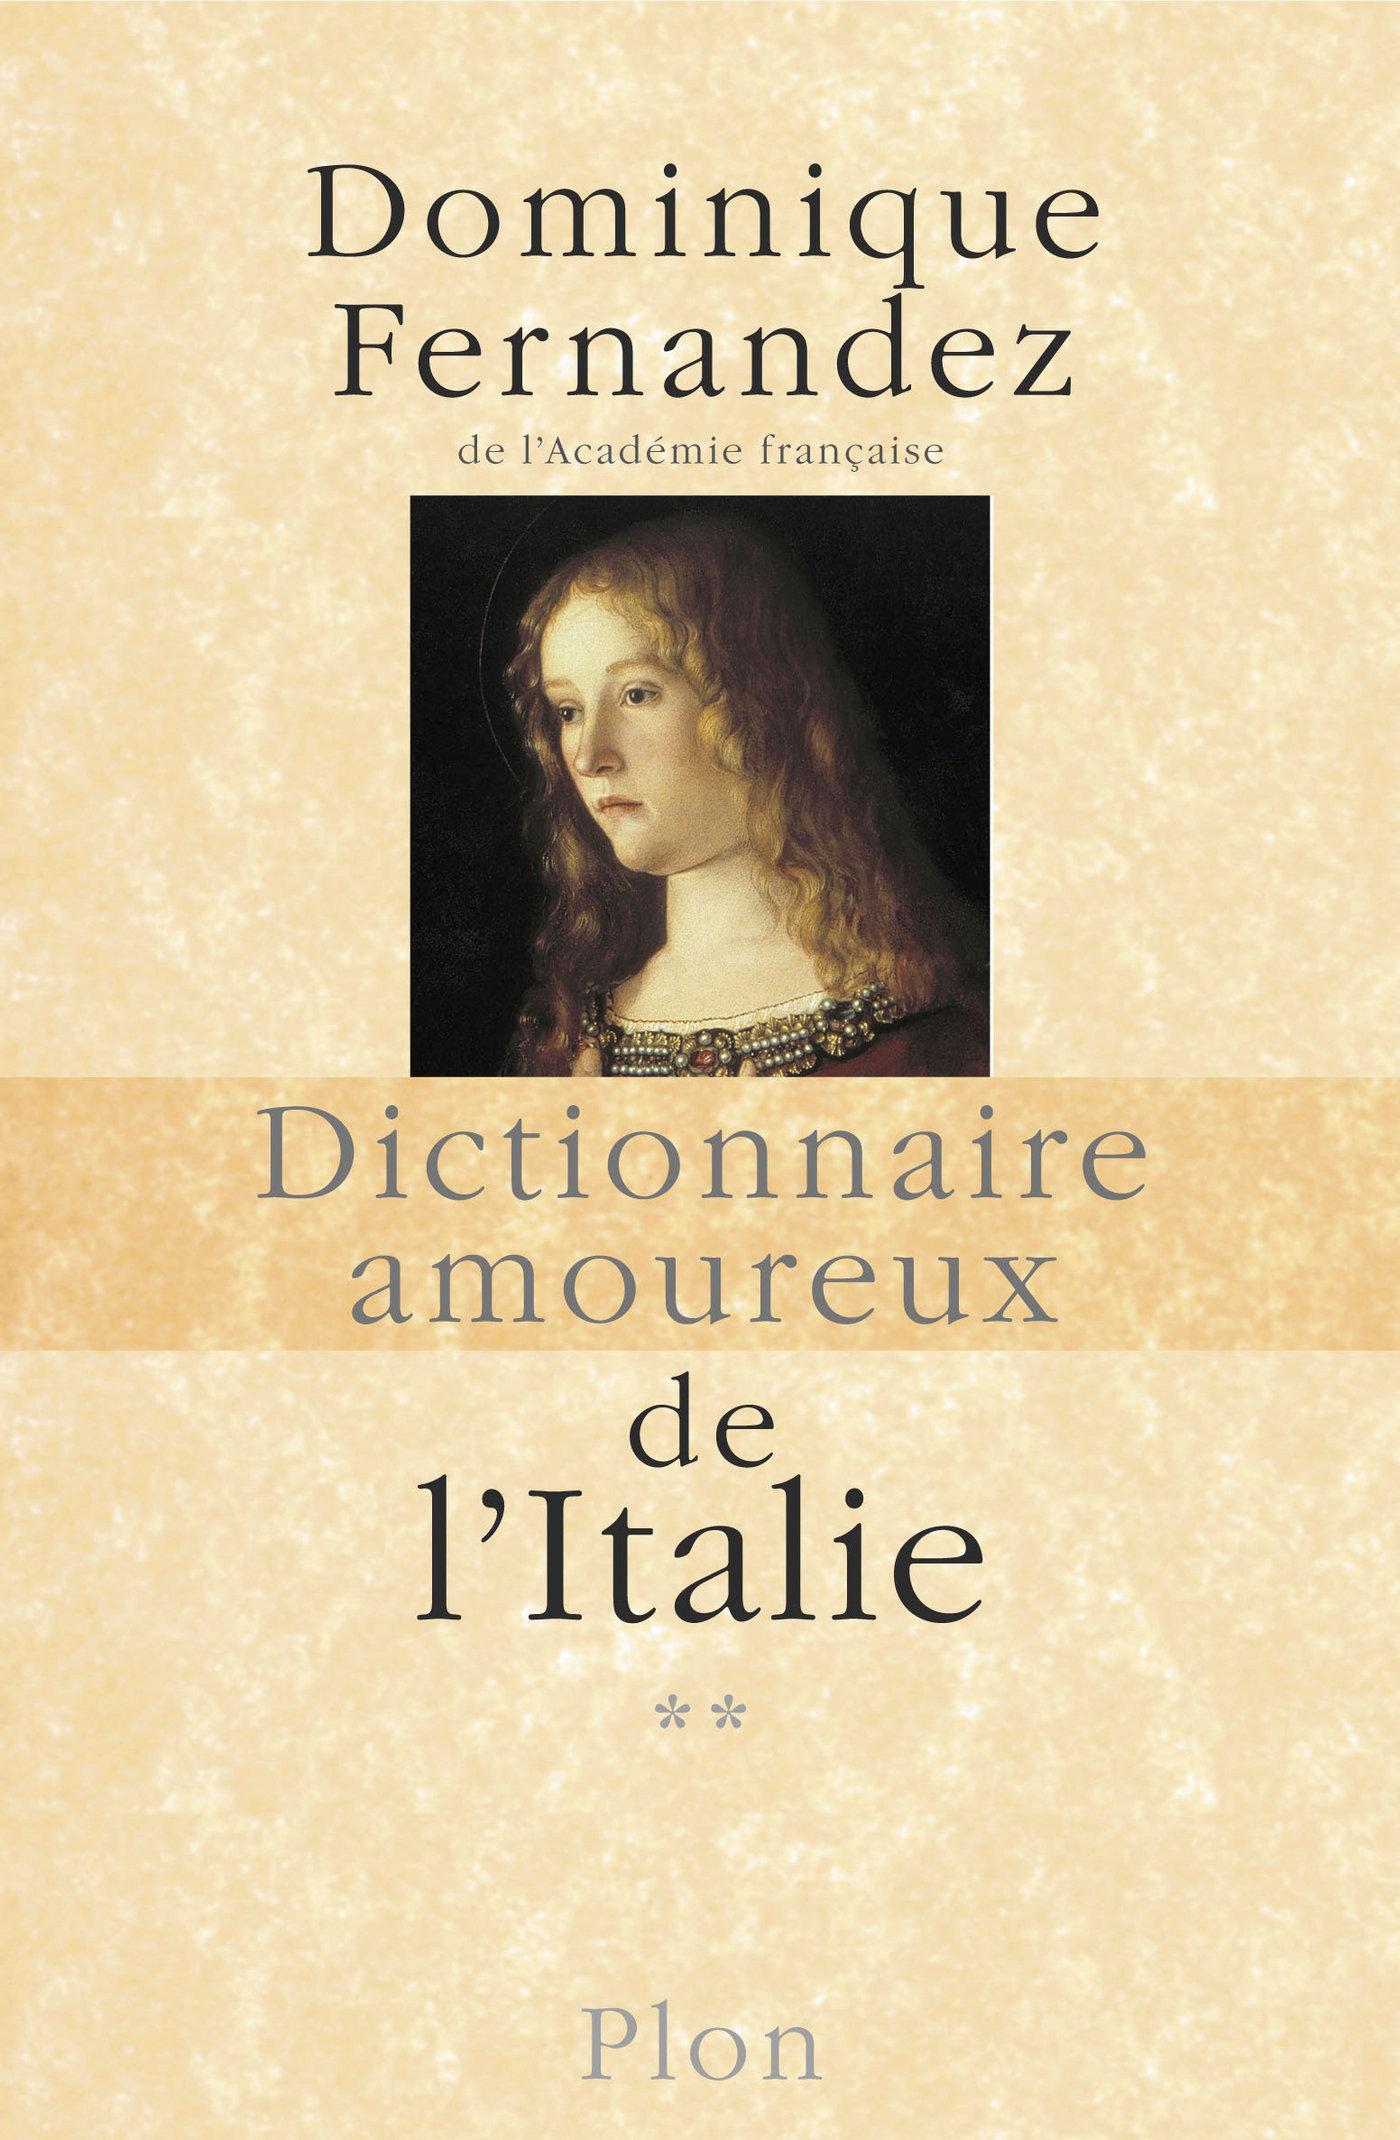 Dictionnaire amoureux de l'Italie - 2